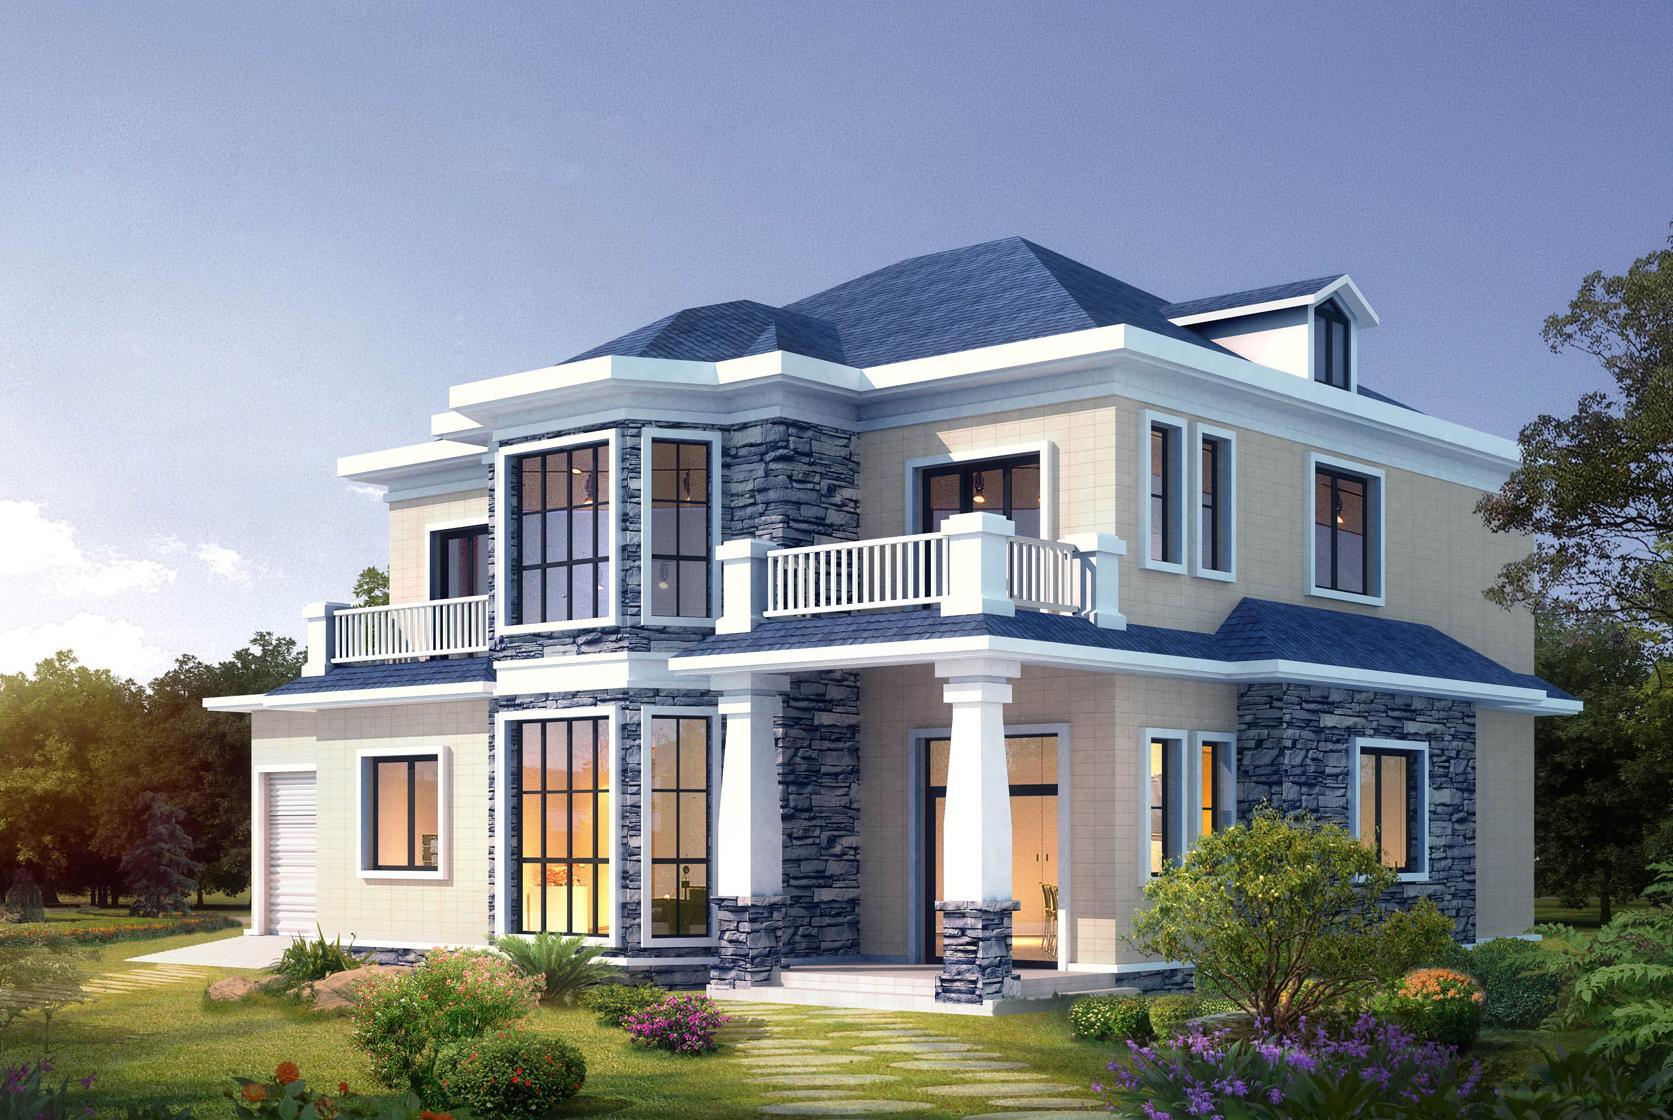 二层半小别墅外型设计图展示